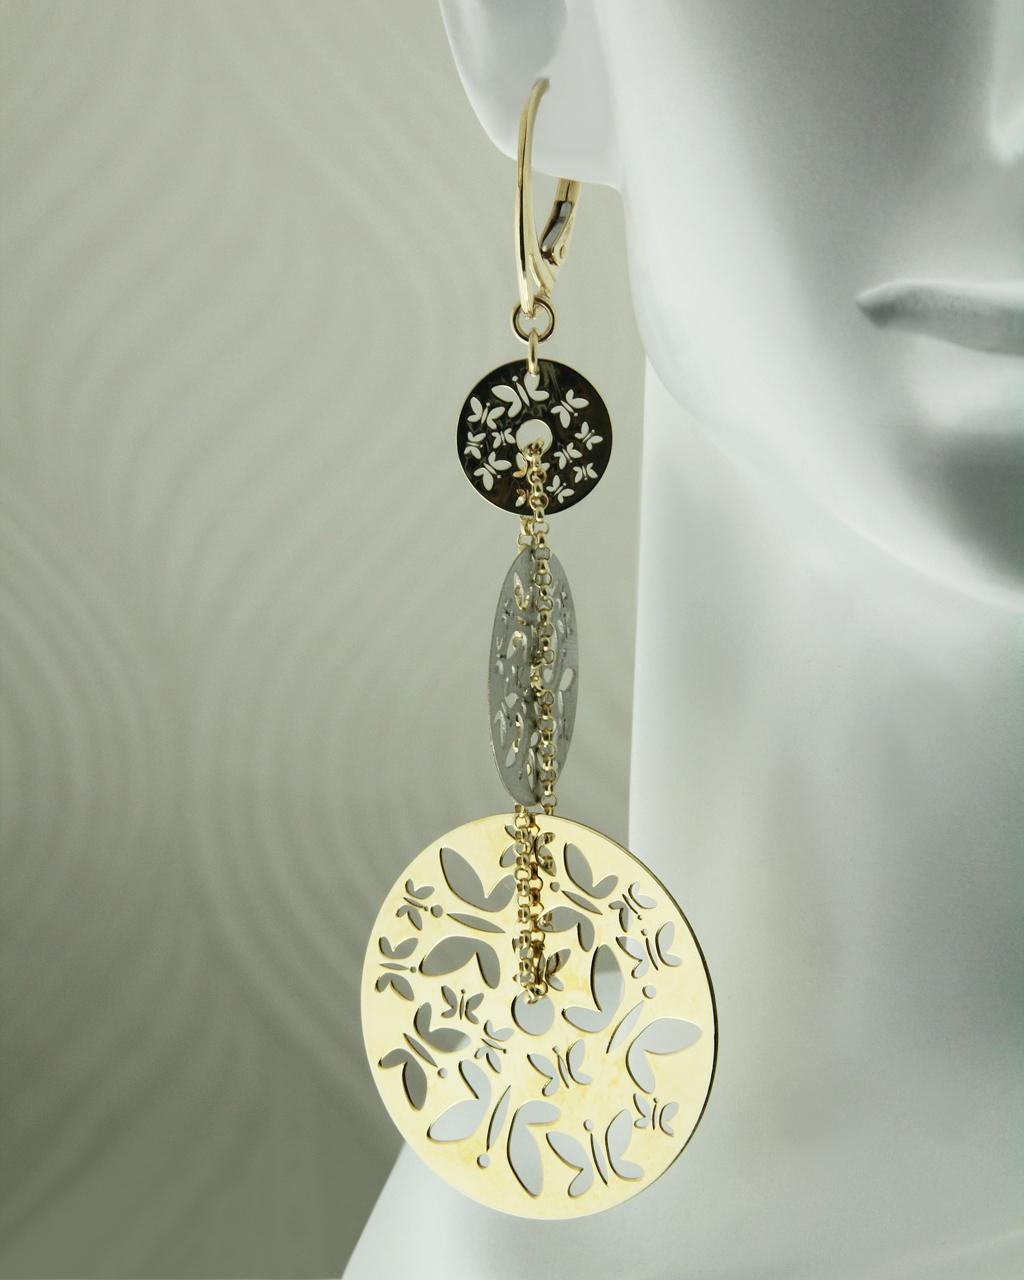 Σκουλαρίκια χρυσά & λευκόχρυσα Κ14   γυναικα σκουλαρίκια σκουλαρίκια χρυσά